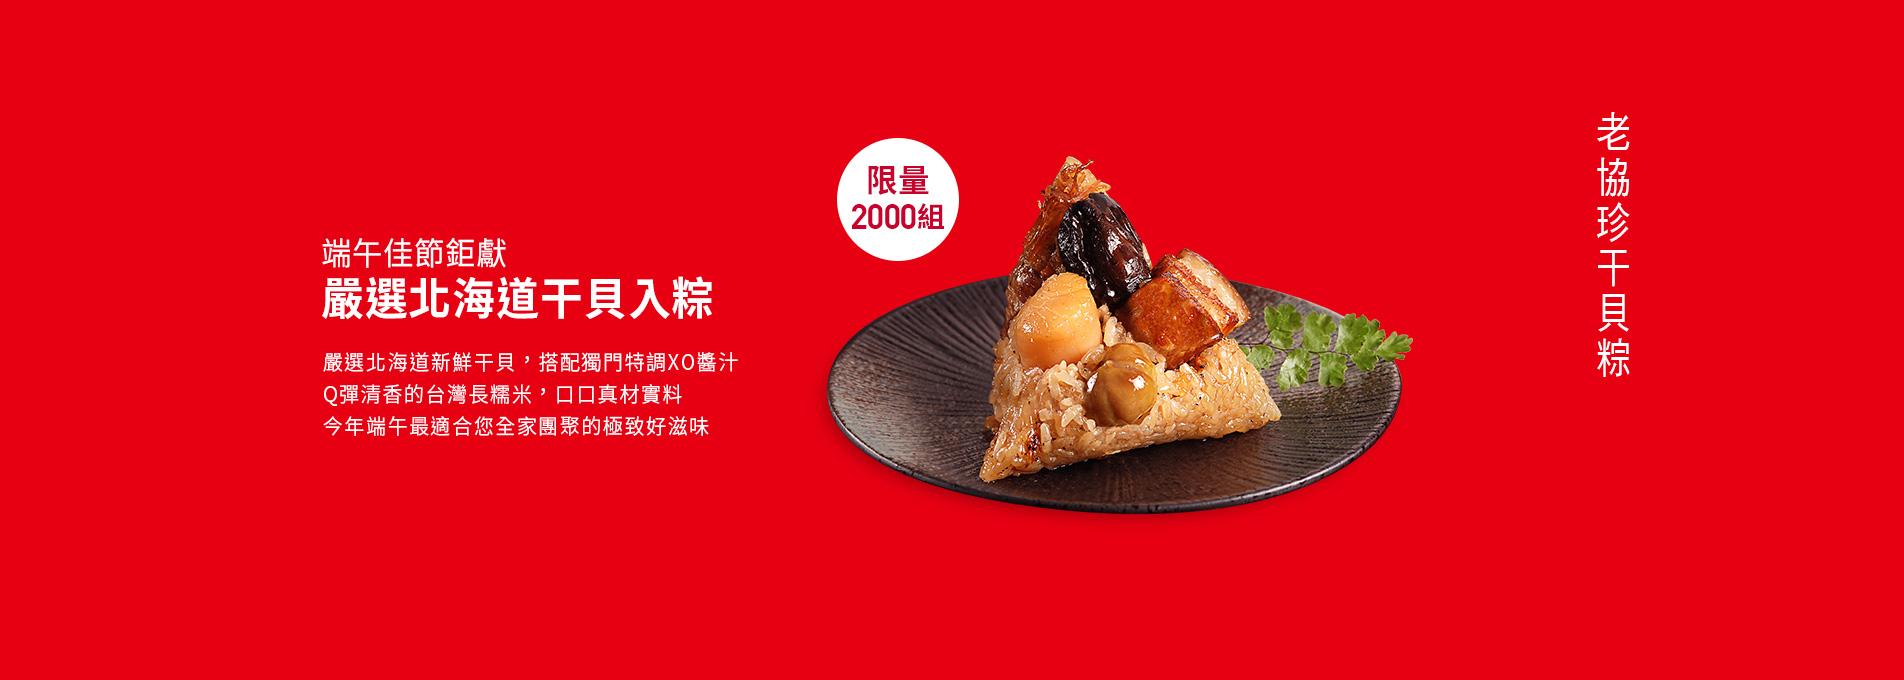 【端午節限定】老協珍干貝粽(4入)